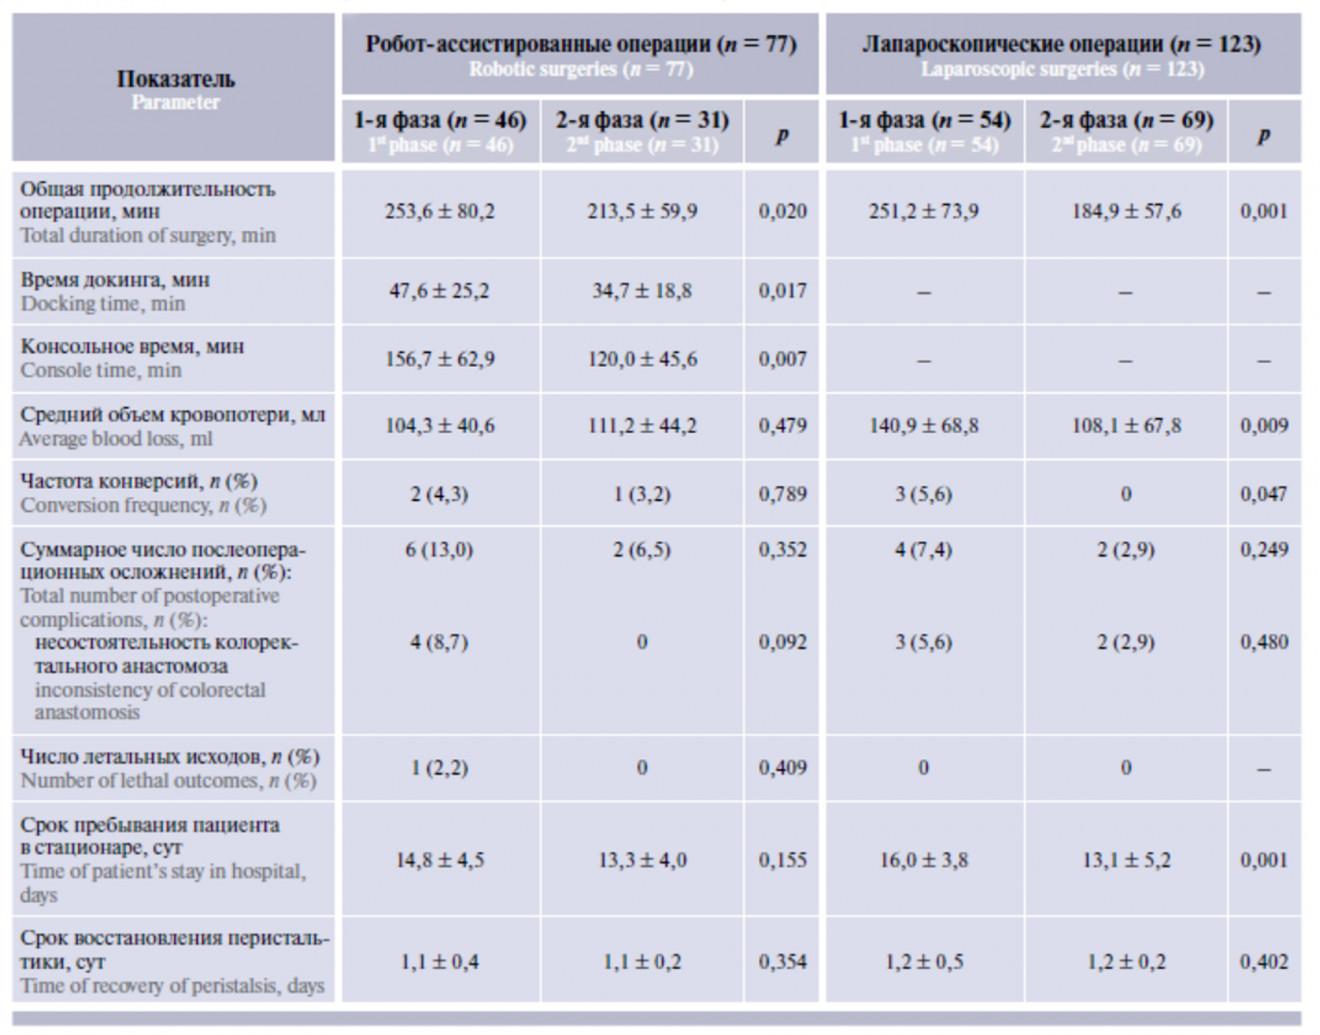 Характеристика периоперационных показателей и непосредственных результатов